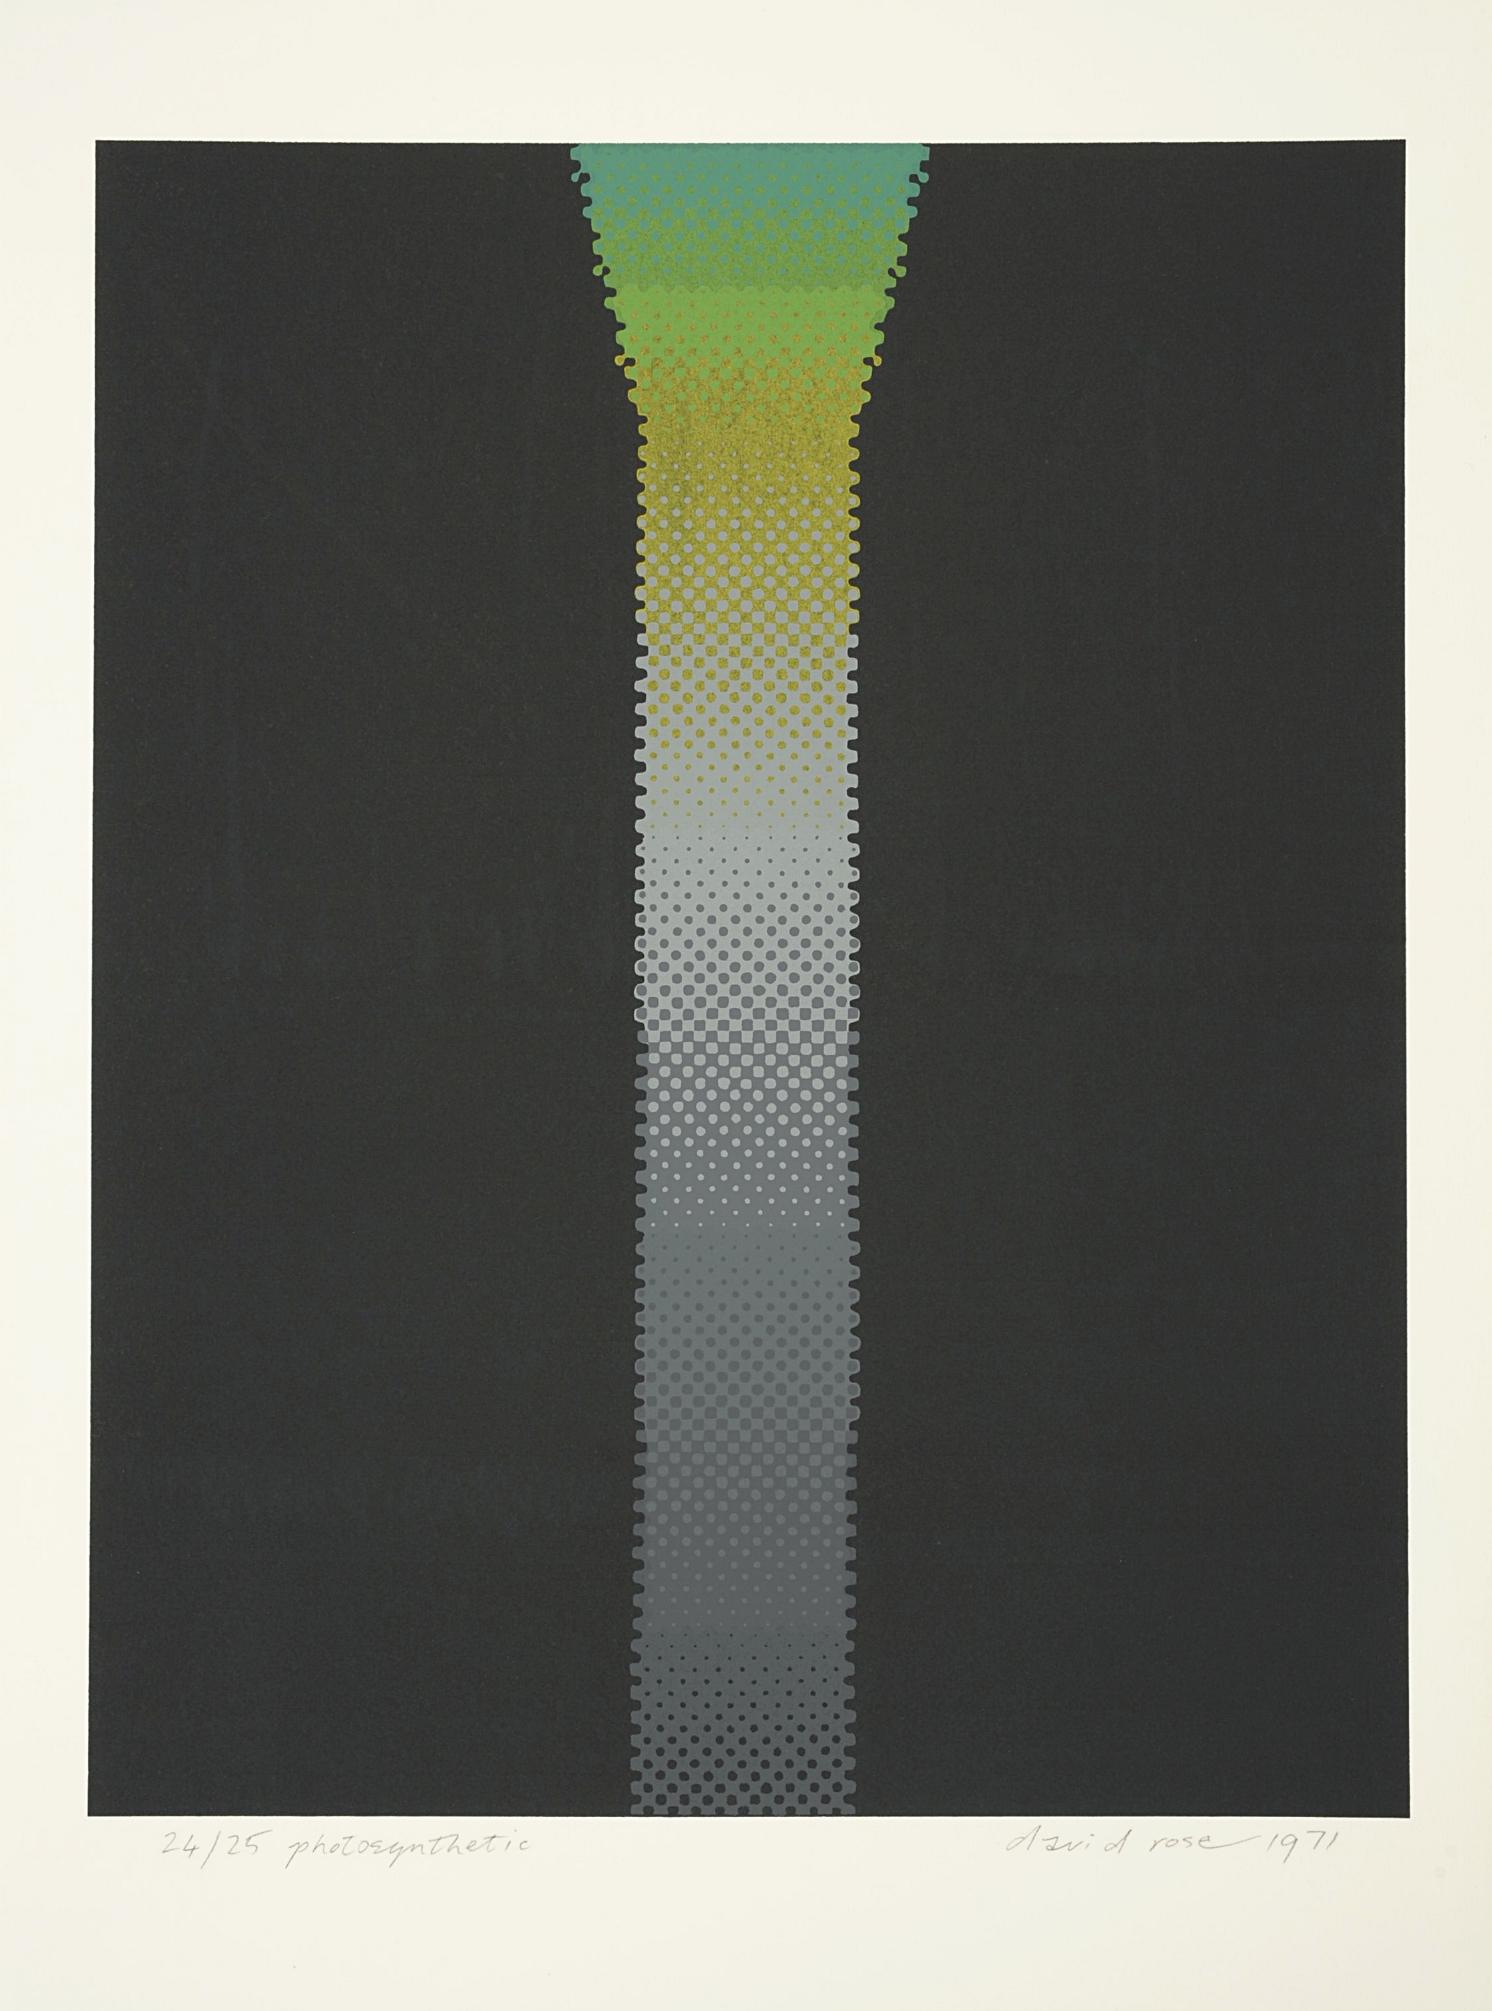 1971 photosynthetic.JPG